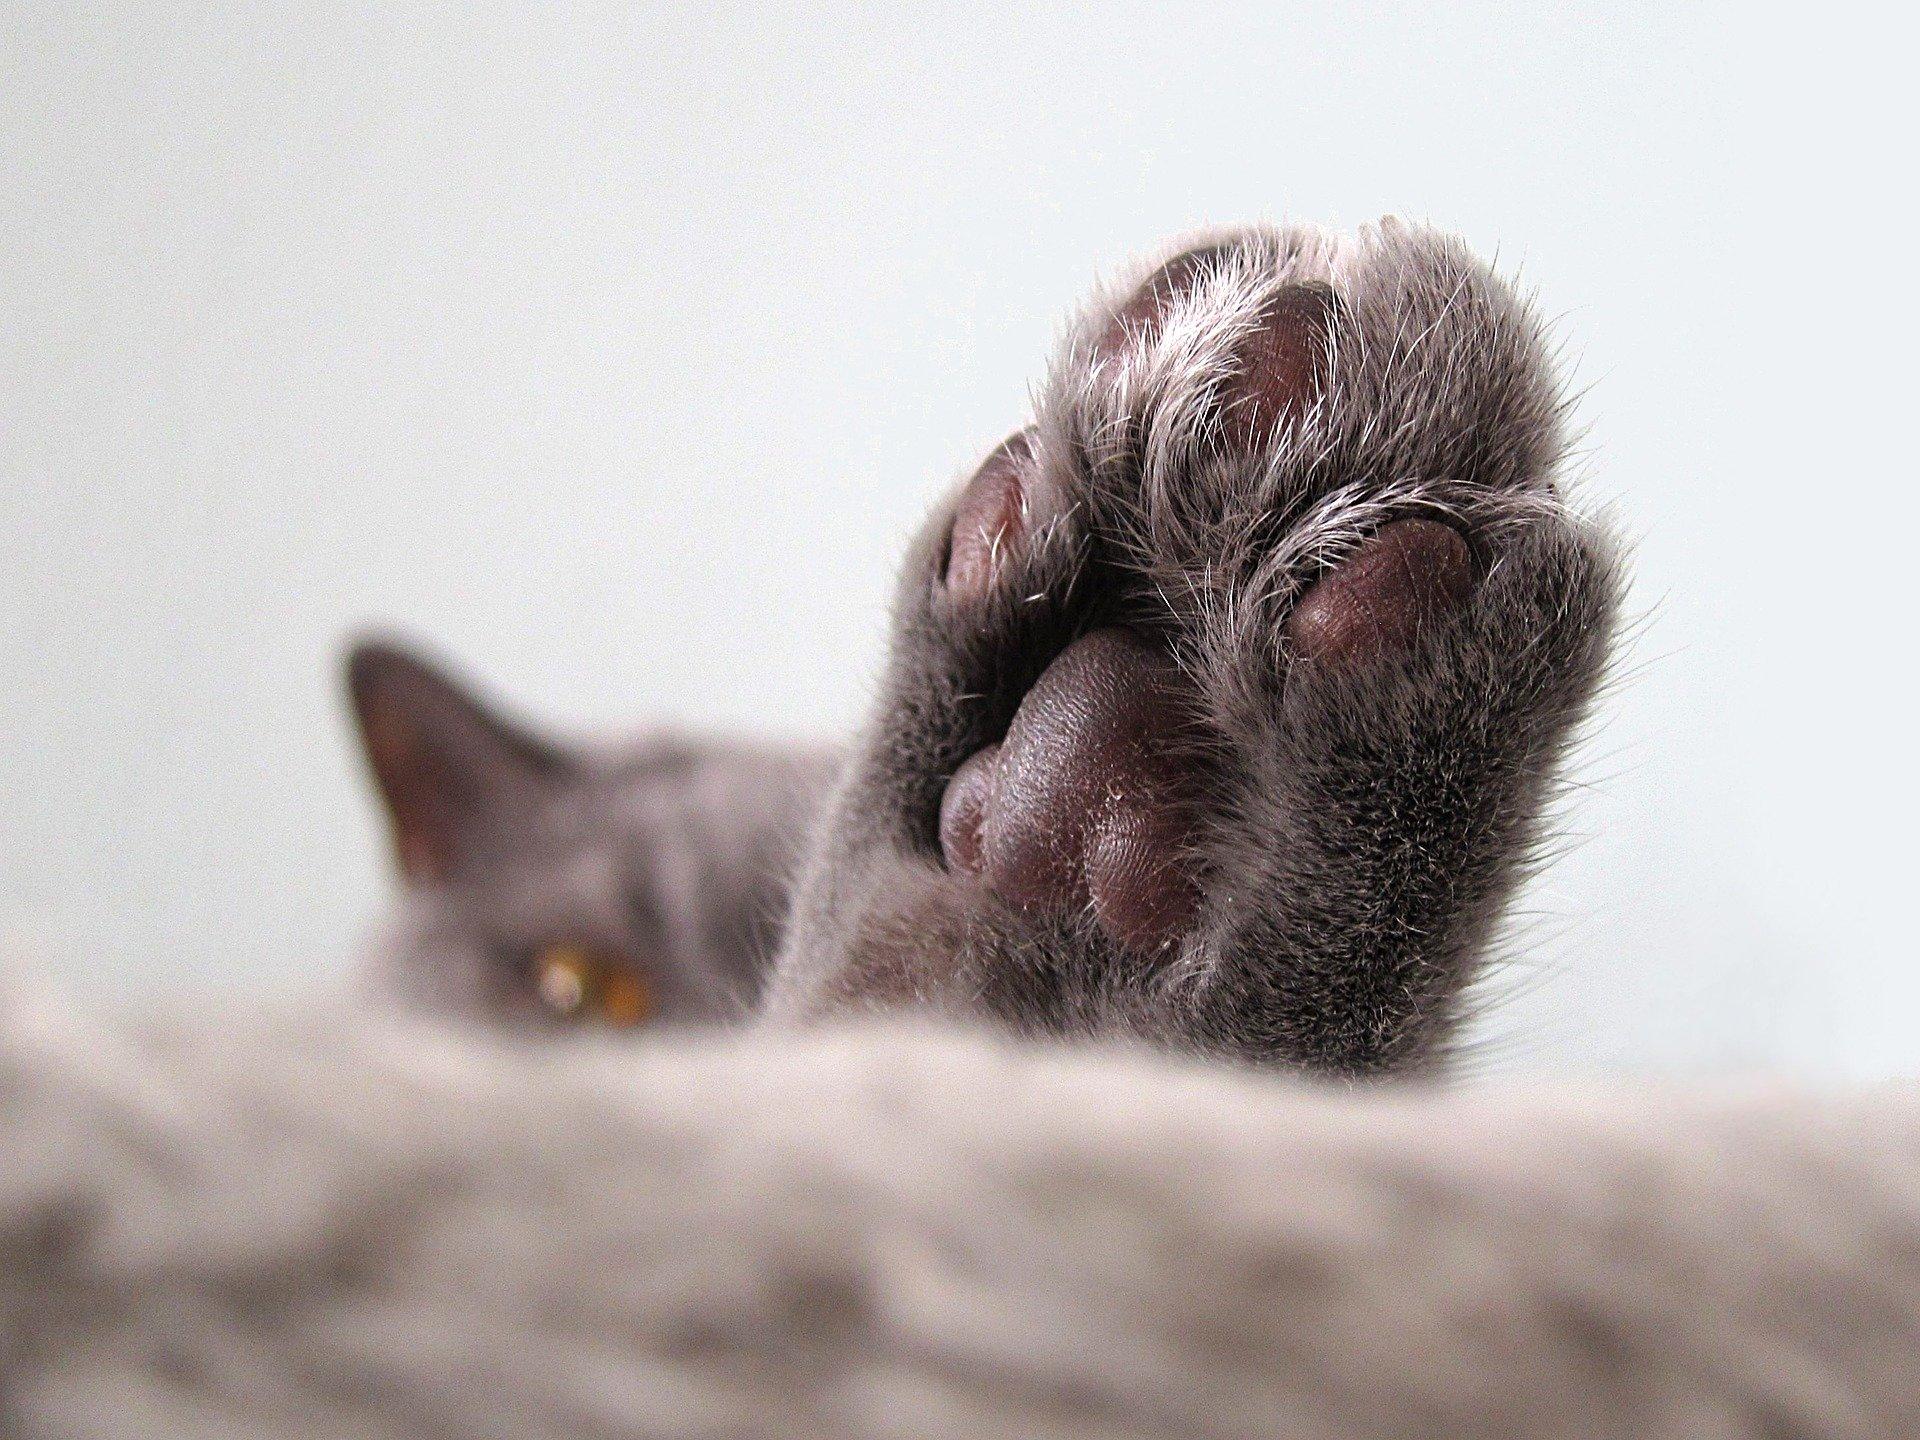 cat-nail-clipping-2